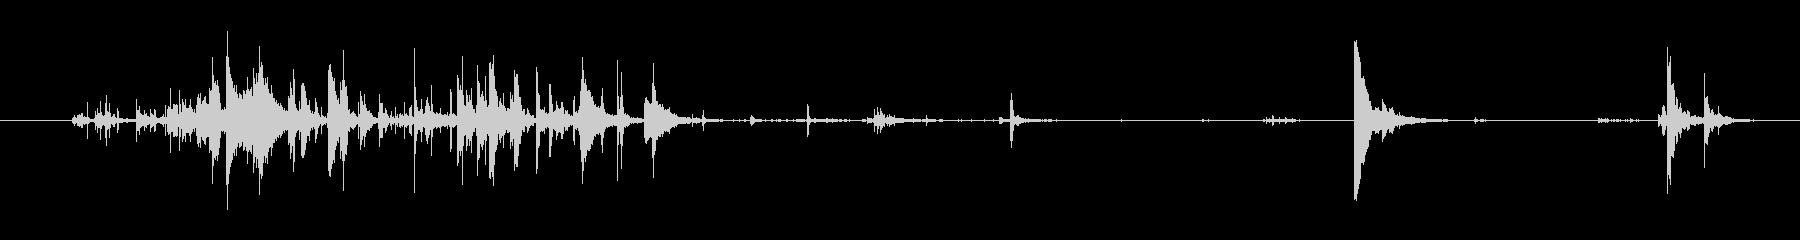 メタル チェーンプルアップ05の未再生の波形